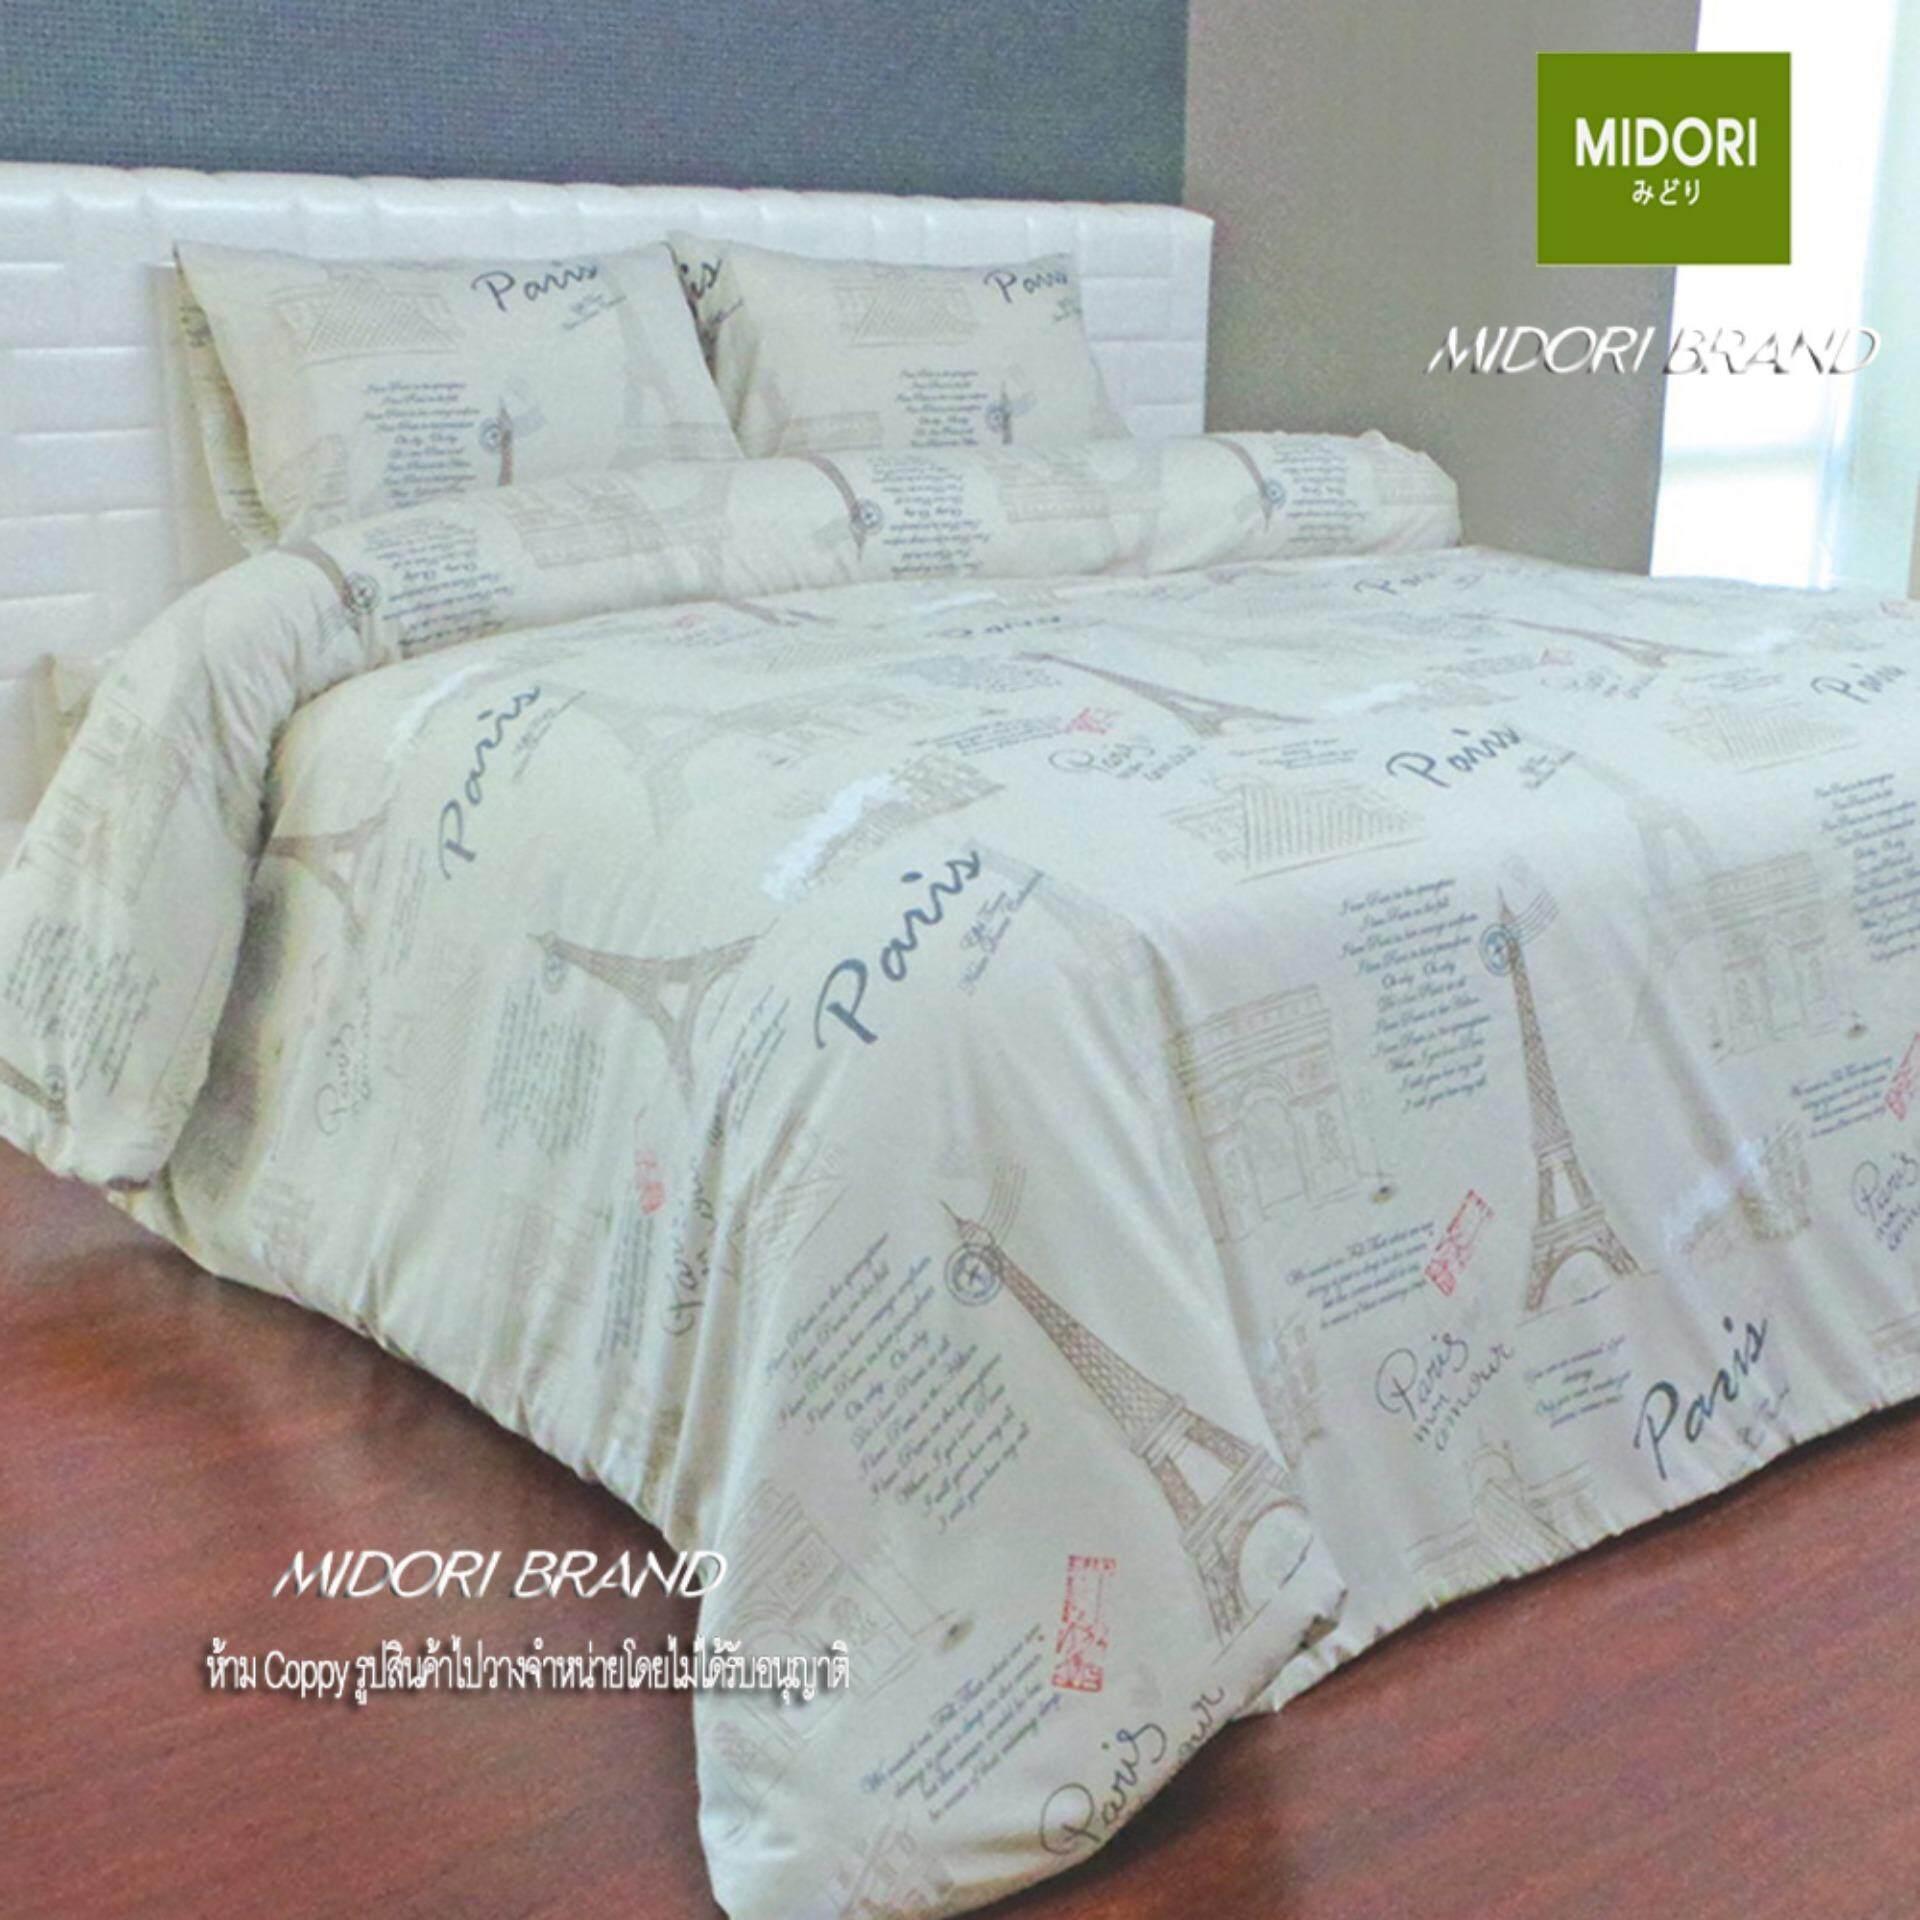 ราคา Midori ชุดเครื่องนอน Set 5 ฟุต 6 ชิ้น รุ่น Trendsetter ลาย Paris Romanc Good Bedding